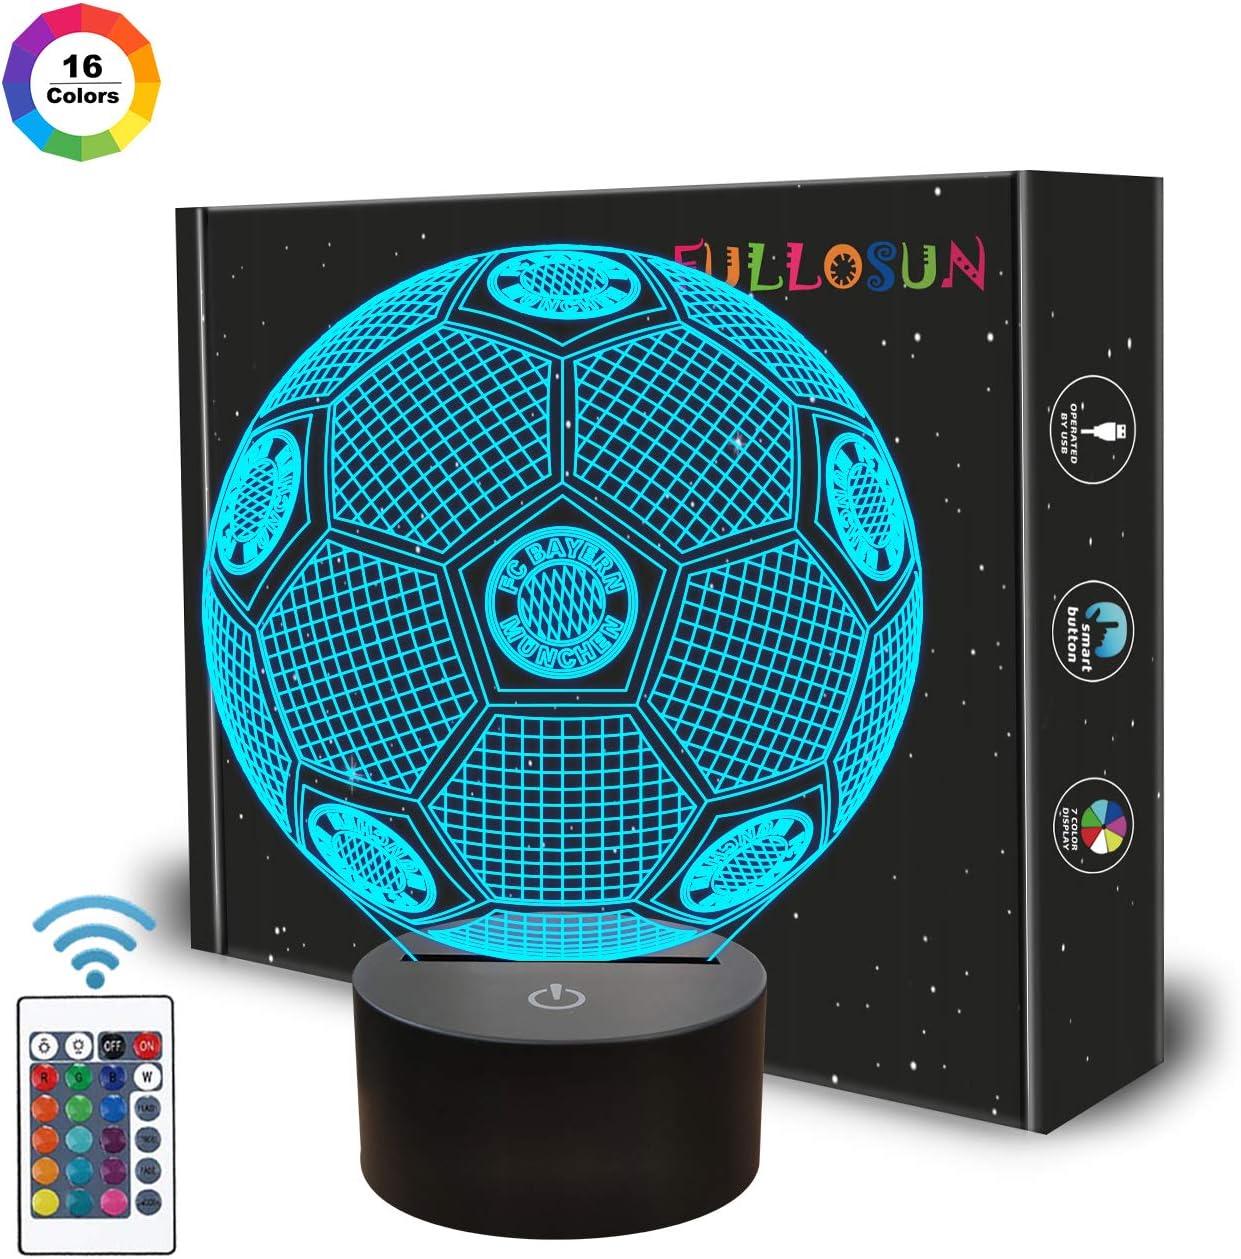 Regalos de fútbol, luz nocturna para niños, lámpara de ilusión óptica 3D con control remoto, cambio de 16 colores, cumpleaños, día de San Valentín, idea de regalo para amantes de los deportes